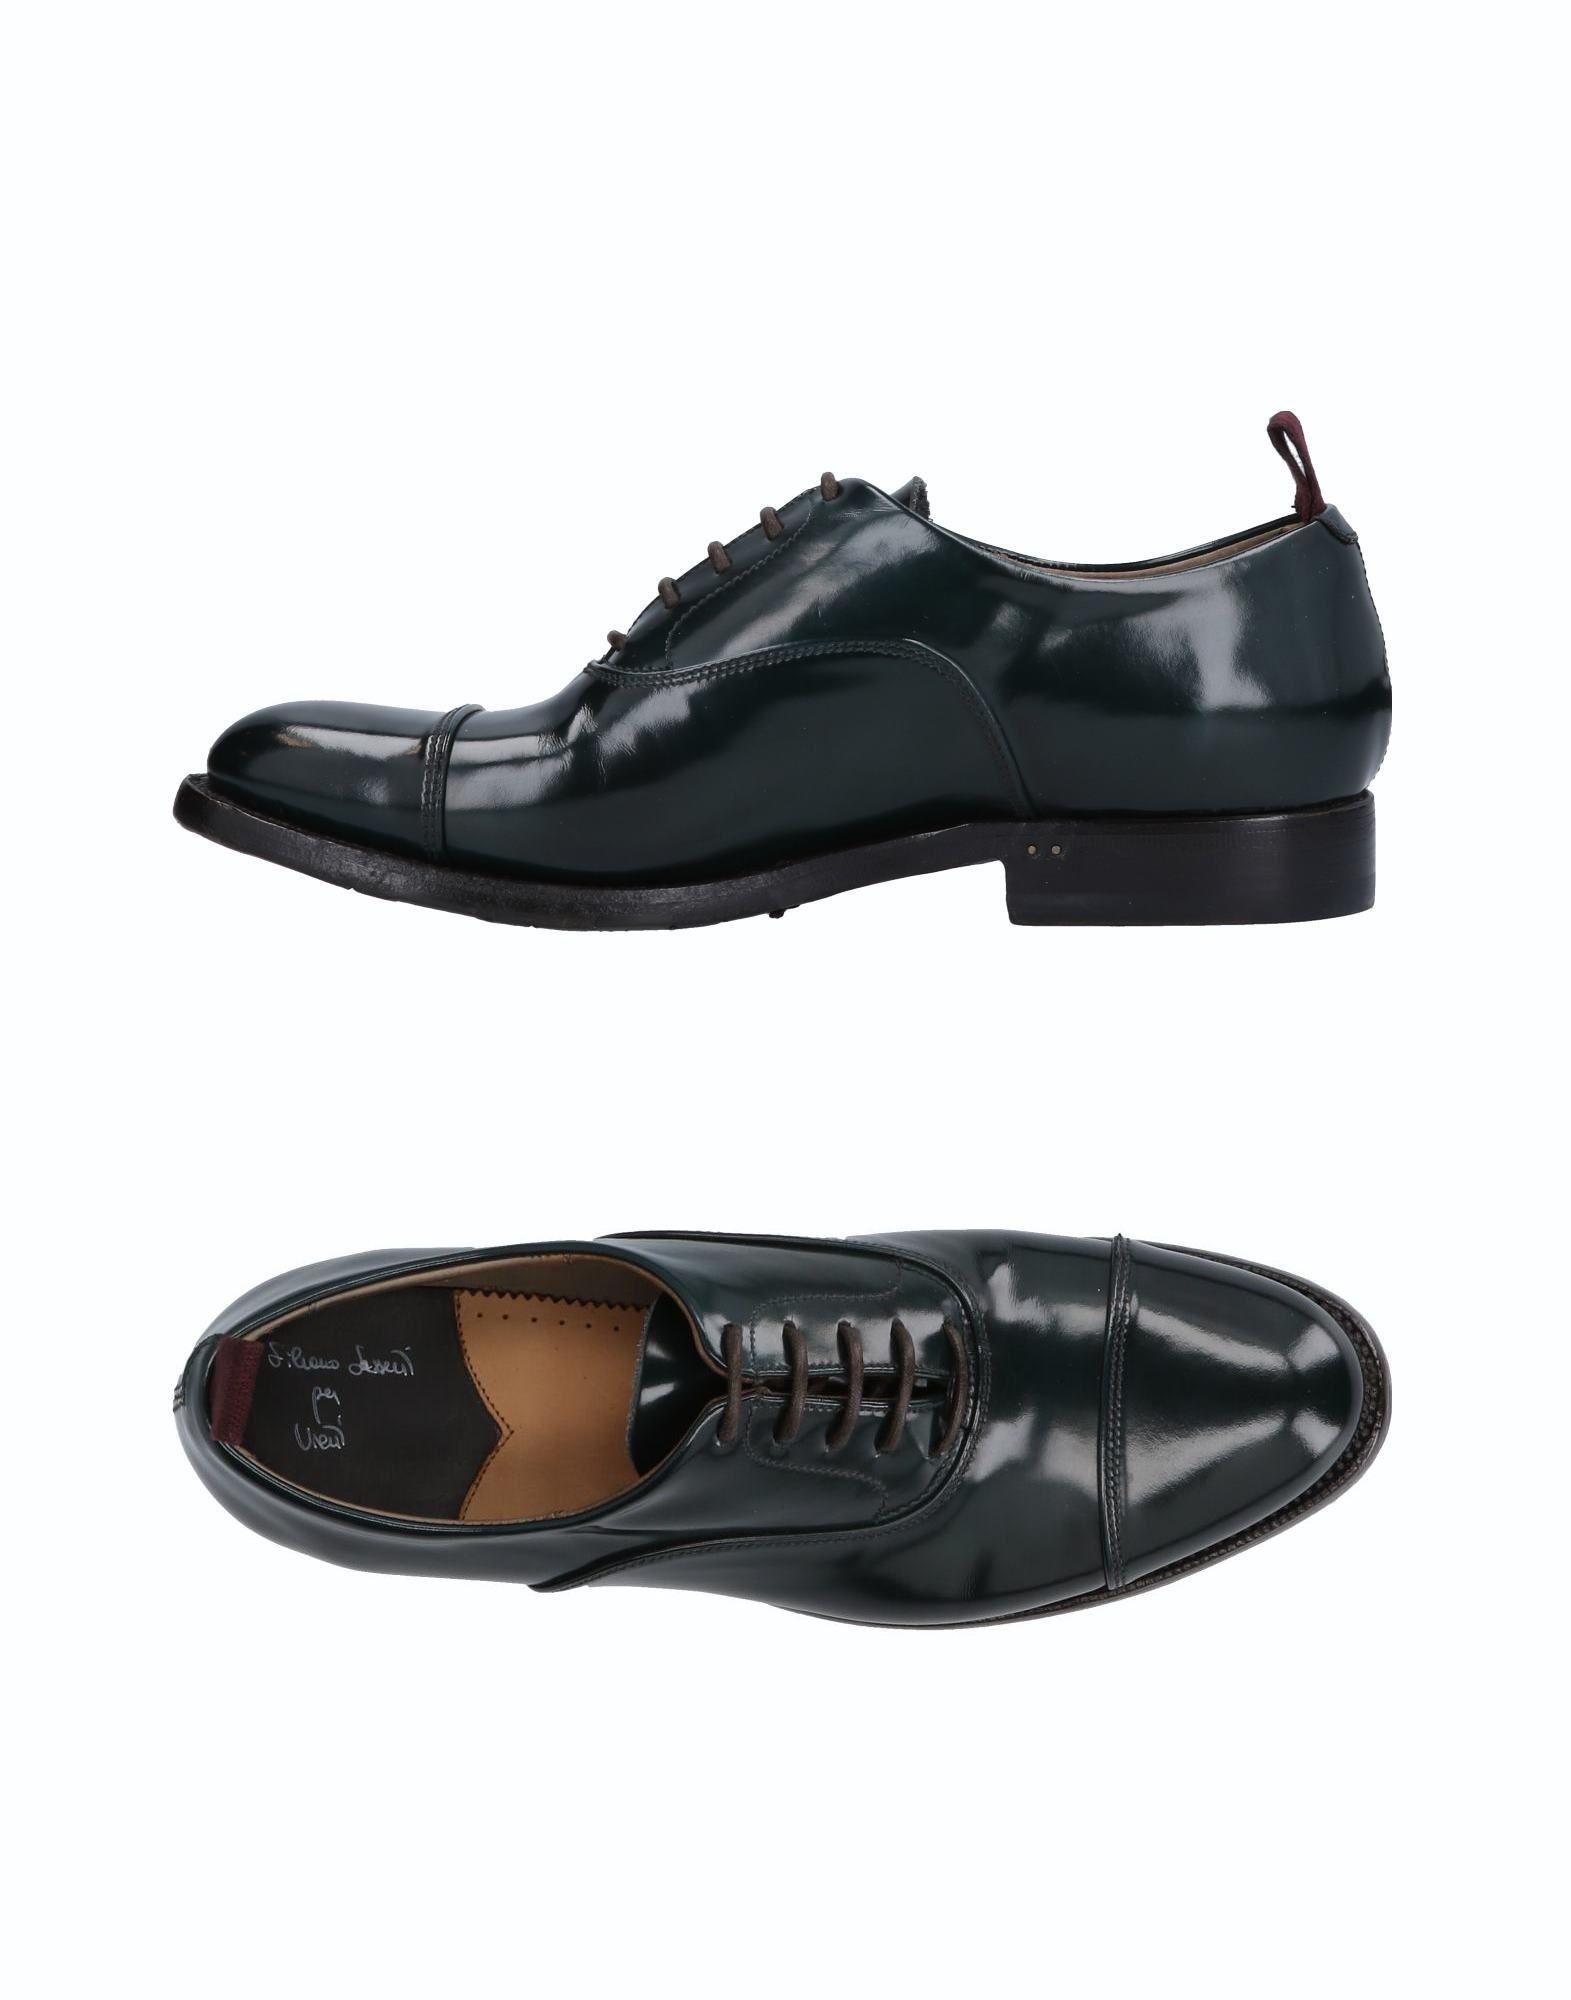 Descuento de la marca Zapato De Sassetti Cordones Silvano Sassetti De Mujer - Zapatos De Cordones Silvano Sassetti  Verde oscuro 002f91